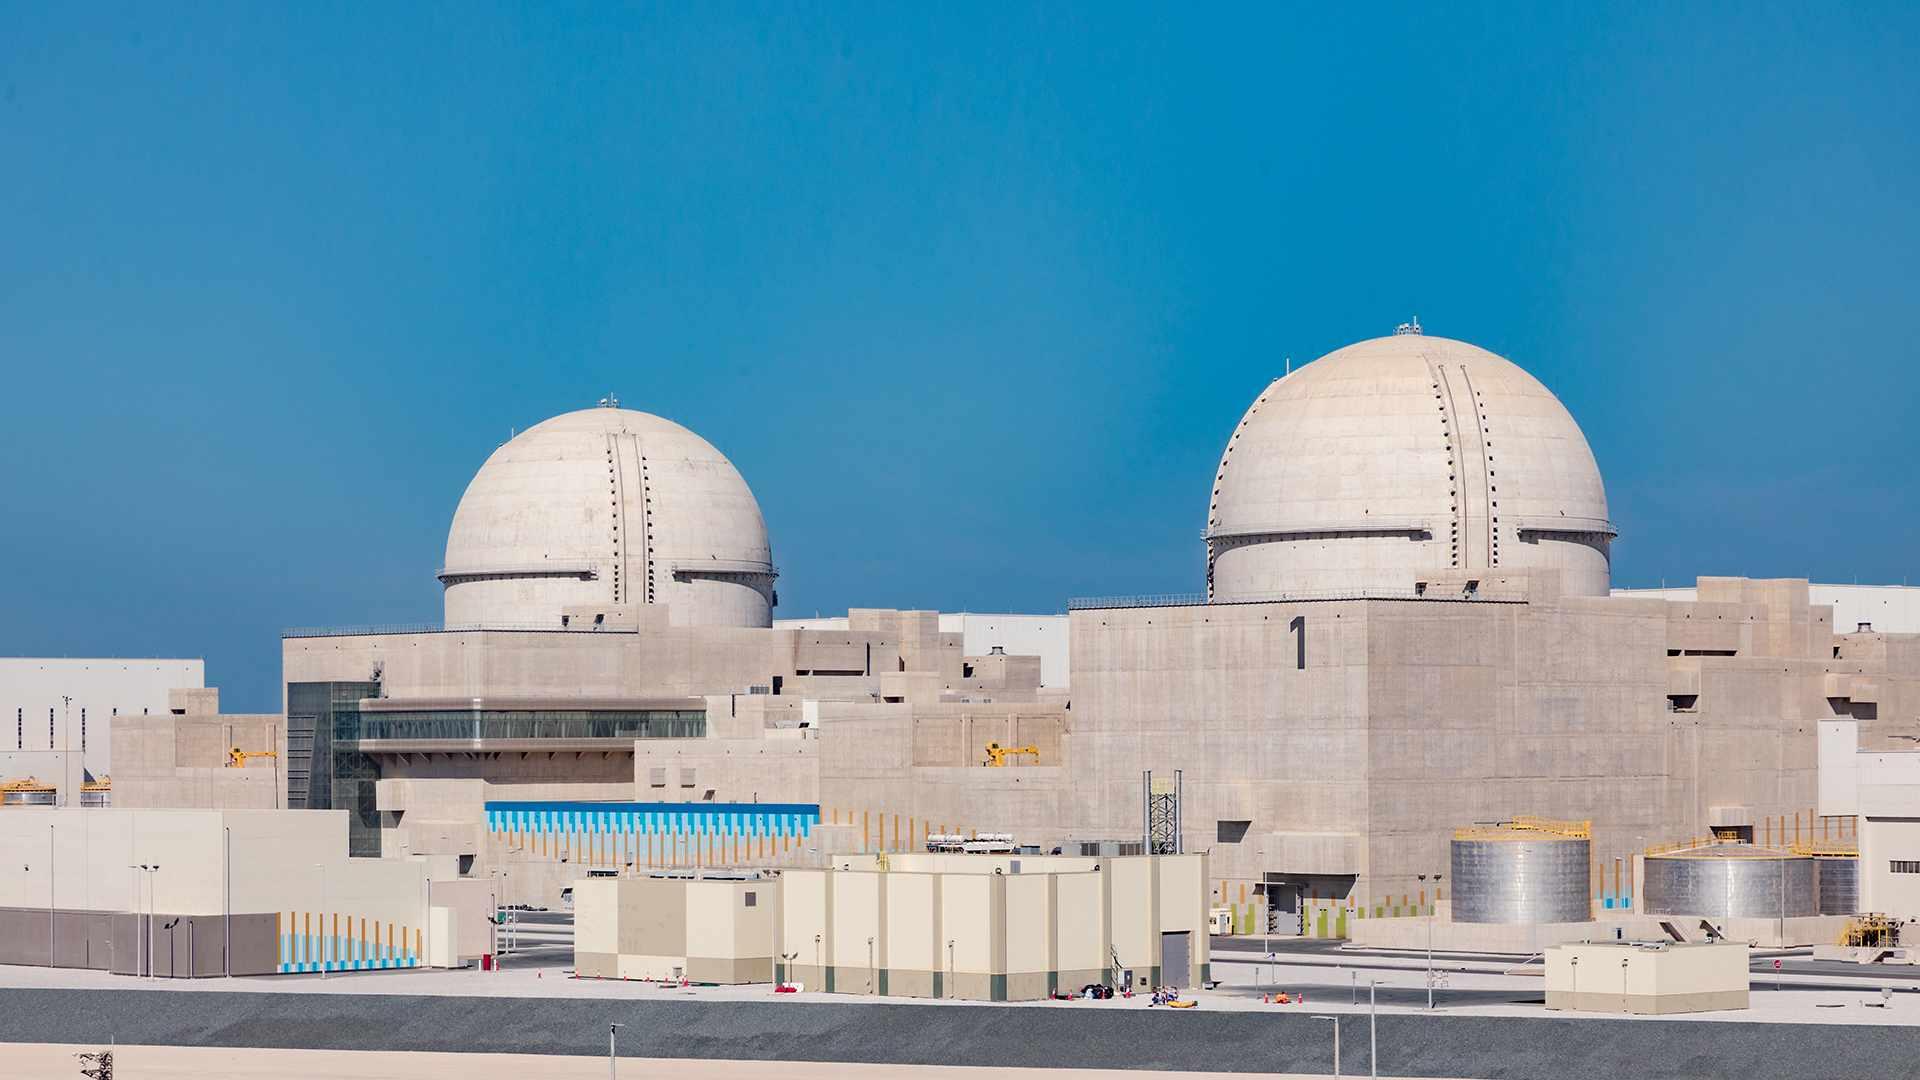 barakah nuclear power